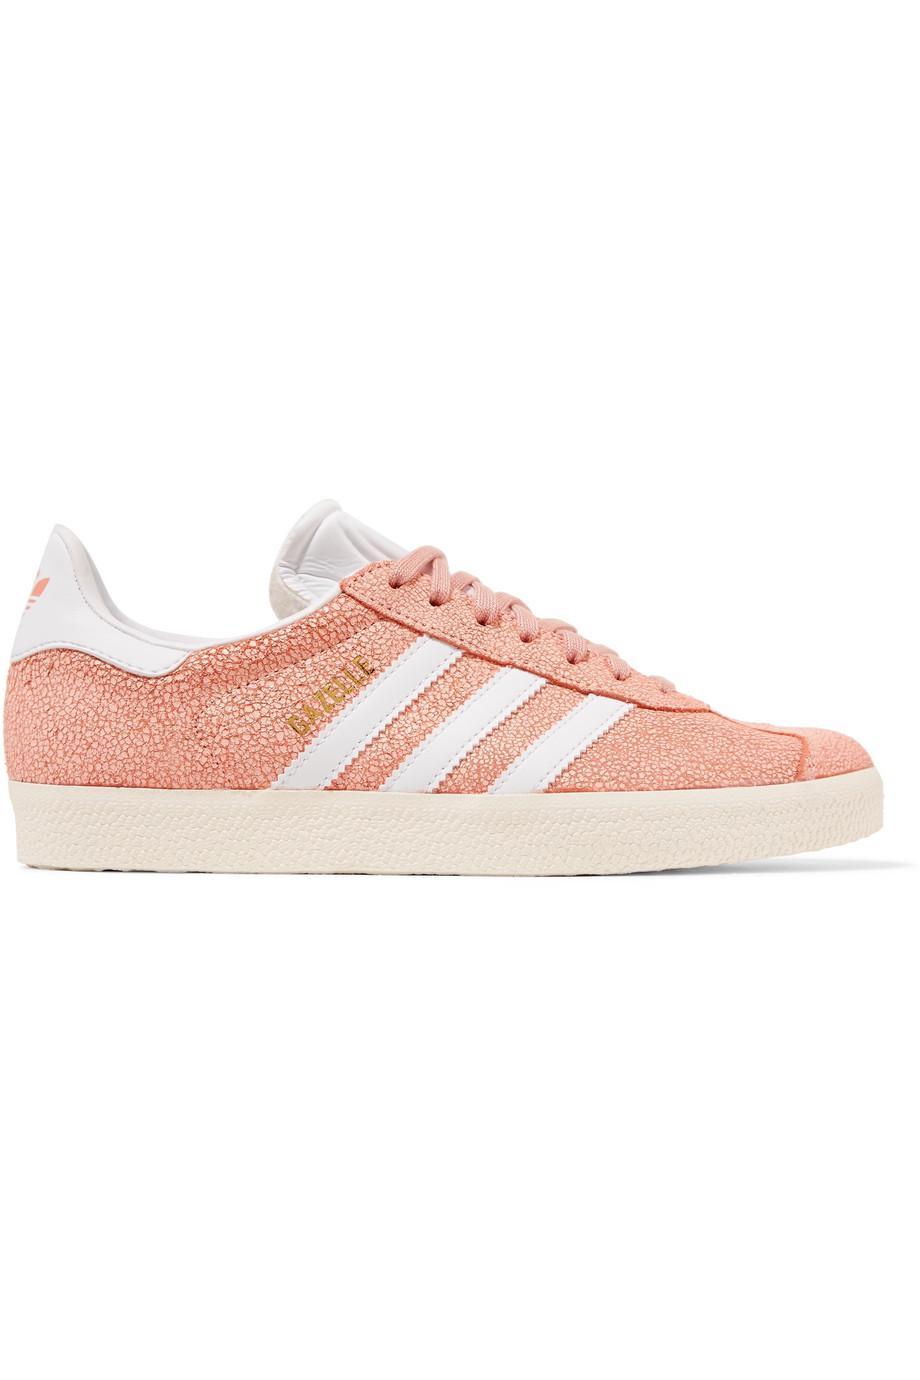 Gazelle Cracked-suede Sneakers - Peach adidas Originals 569xzxN6y